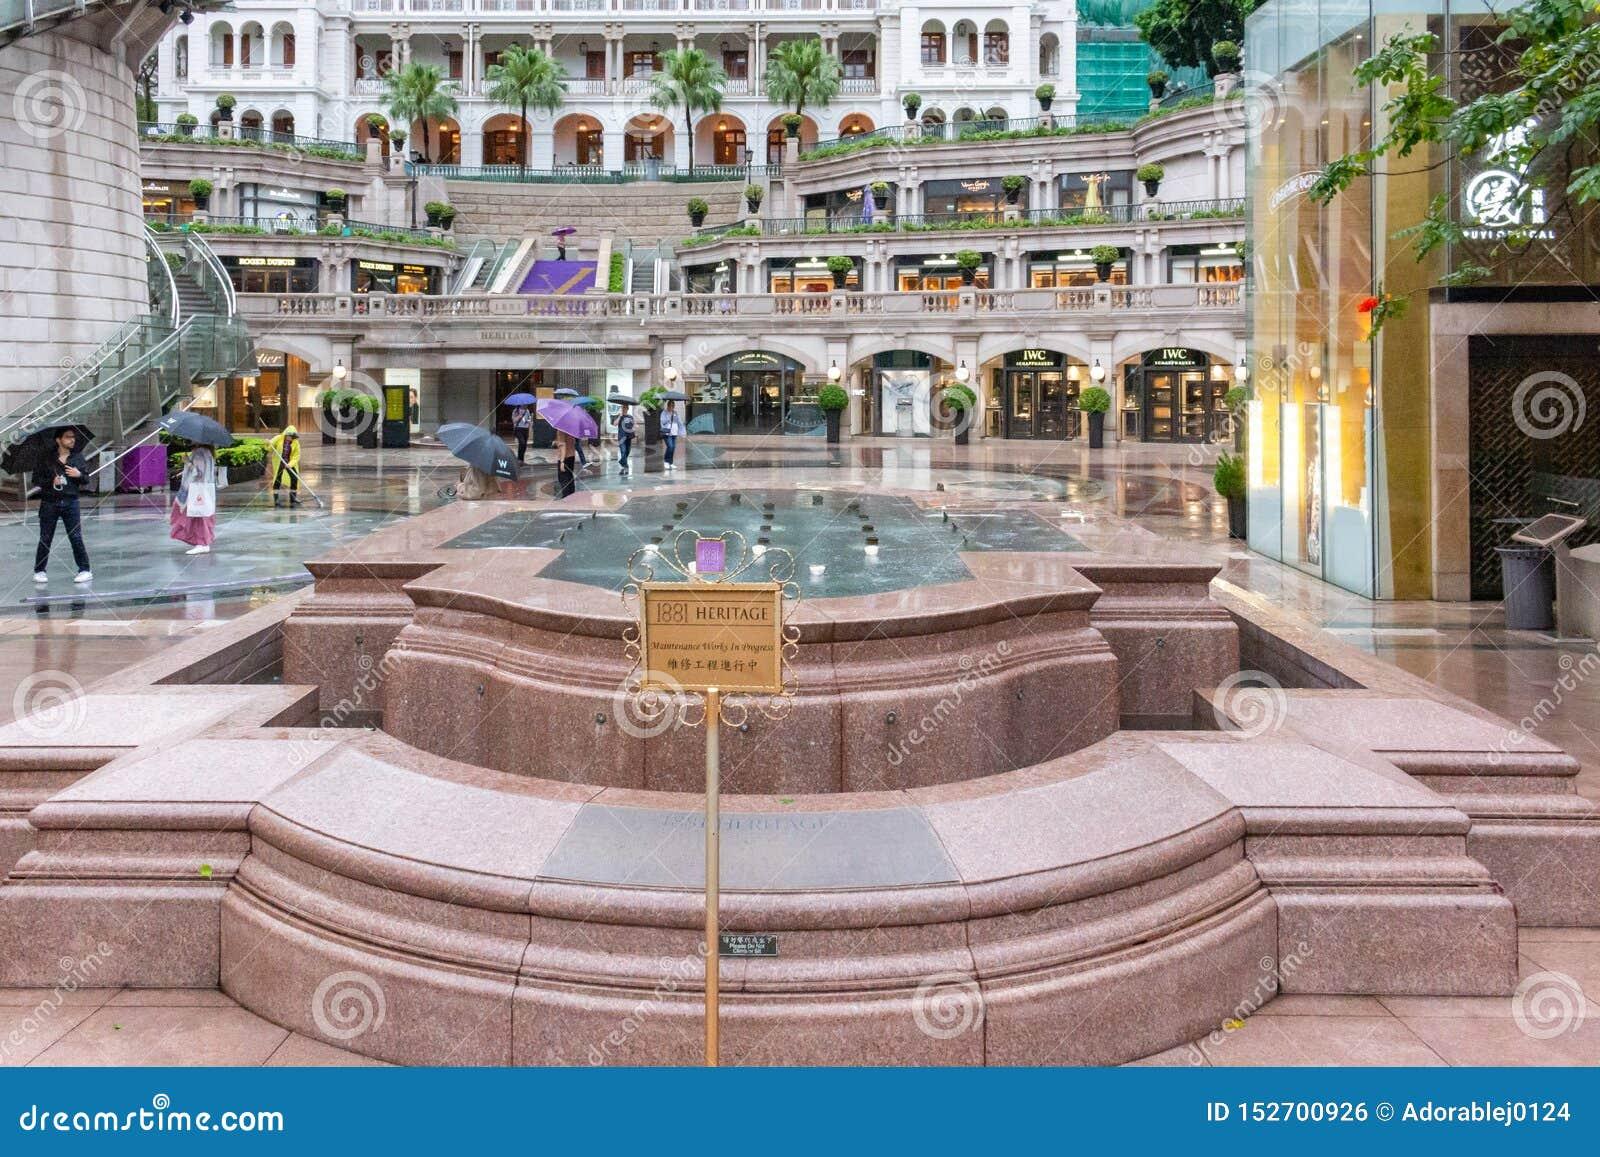 1881 Heritage shopping mall at Tsim Sha Tsui, Kowloon, Hong Kong.